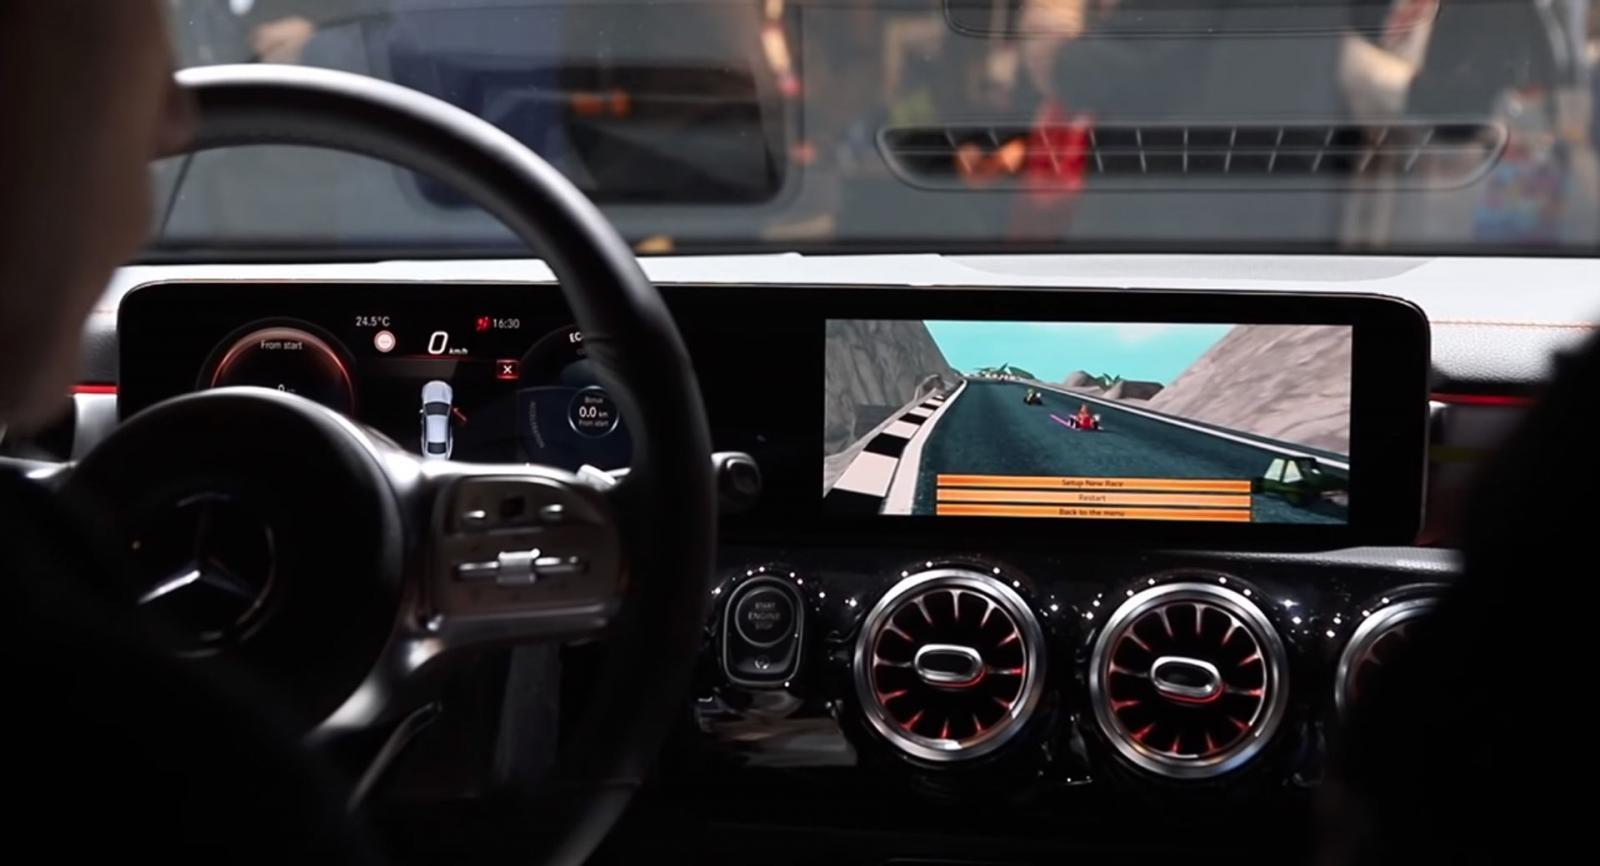 Đây có khả năng trở thành một tính năng giải trí rất thú vị, nhưng an toàn nhất là chỉ có thể truy cập khi xe đang ở trạng thái đỗ